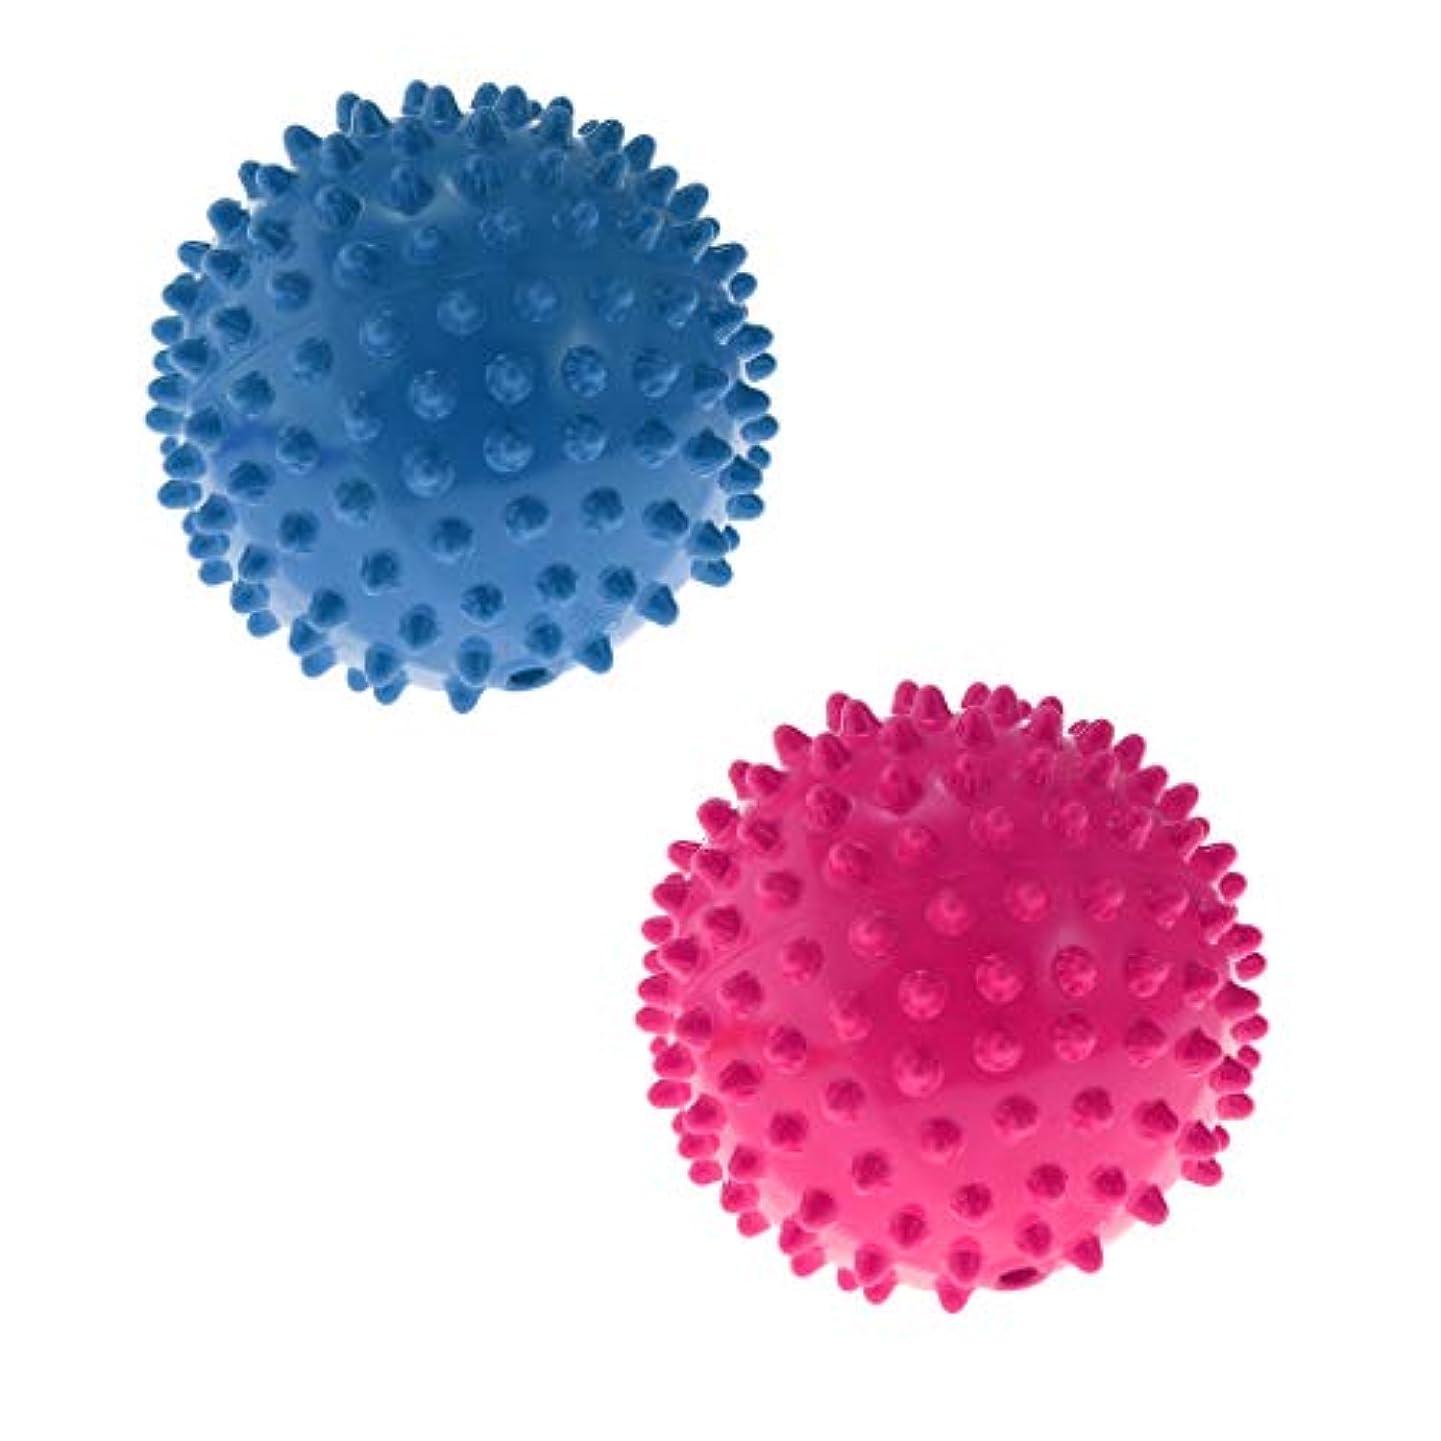 告白する一瞬サイレンDYNWAVE 指圧ボール 触覚ボール マッサージローラー ローラーボール 軽量 持ち運び便利 補助ツール 2ピース